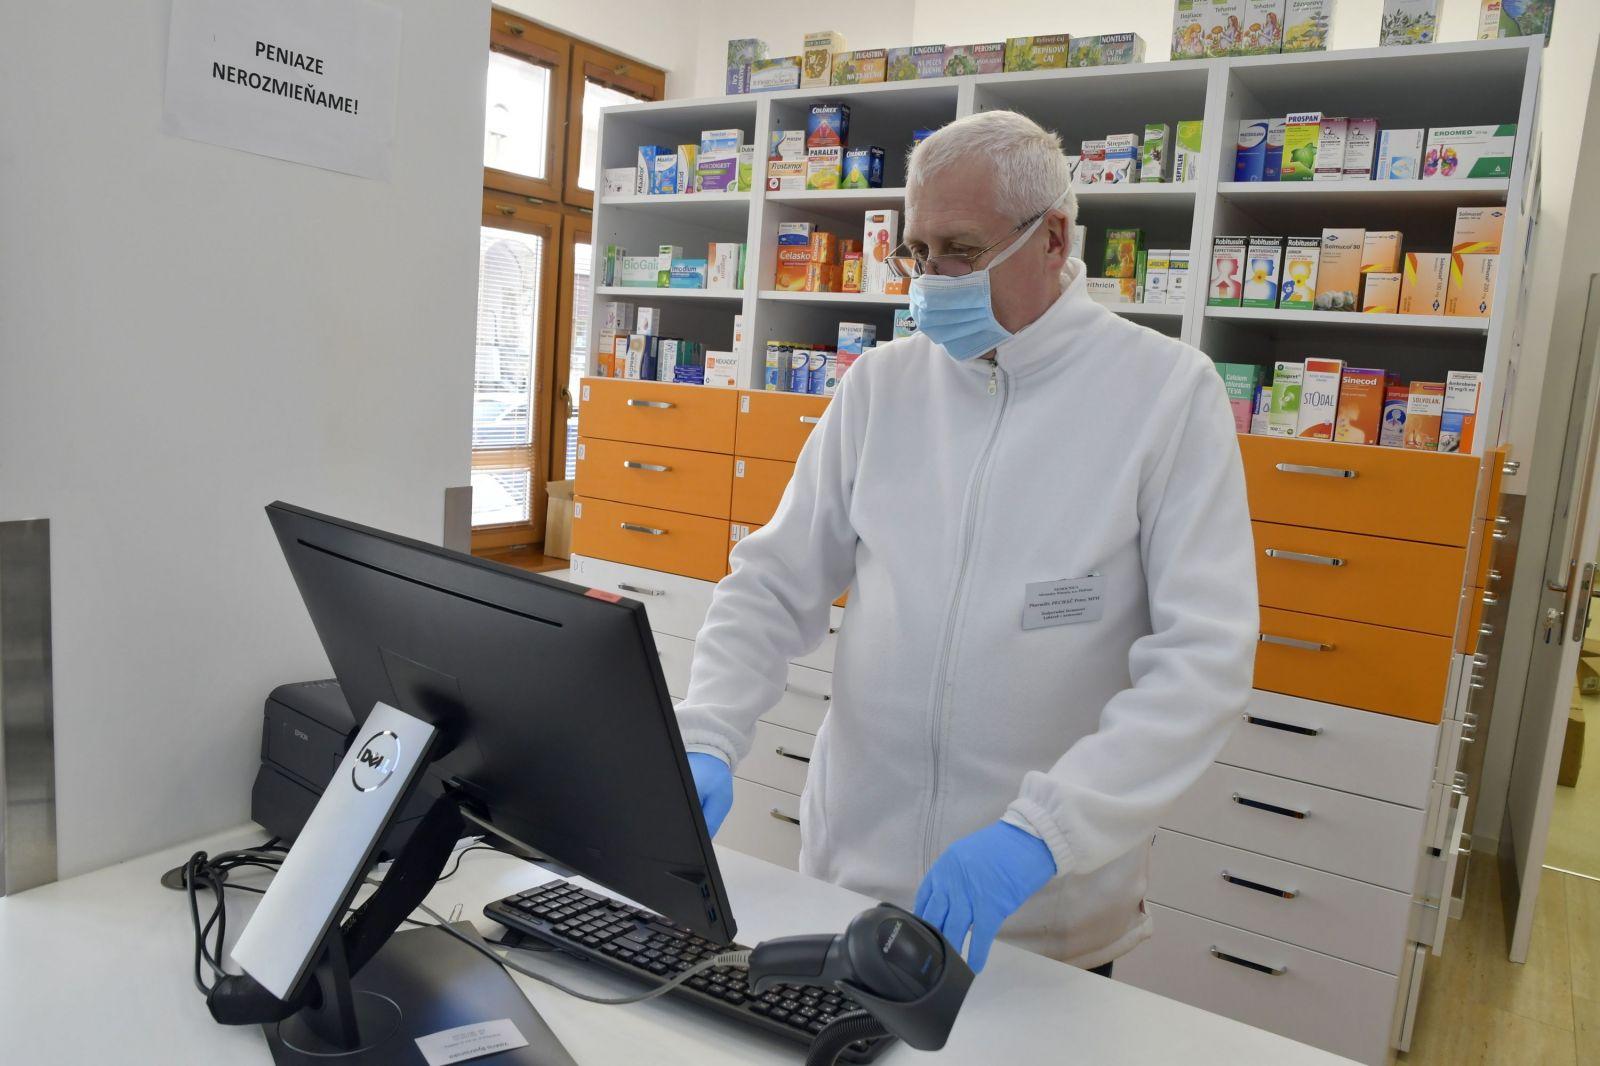 Tieto nové lieky schválilo ministerstvo zdravotníctva na liečbu Covid-19. V nemocniciach a lekárňach majú pribúdať tisícky balení